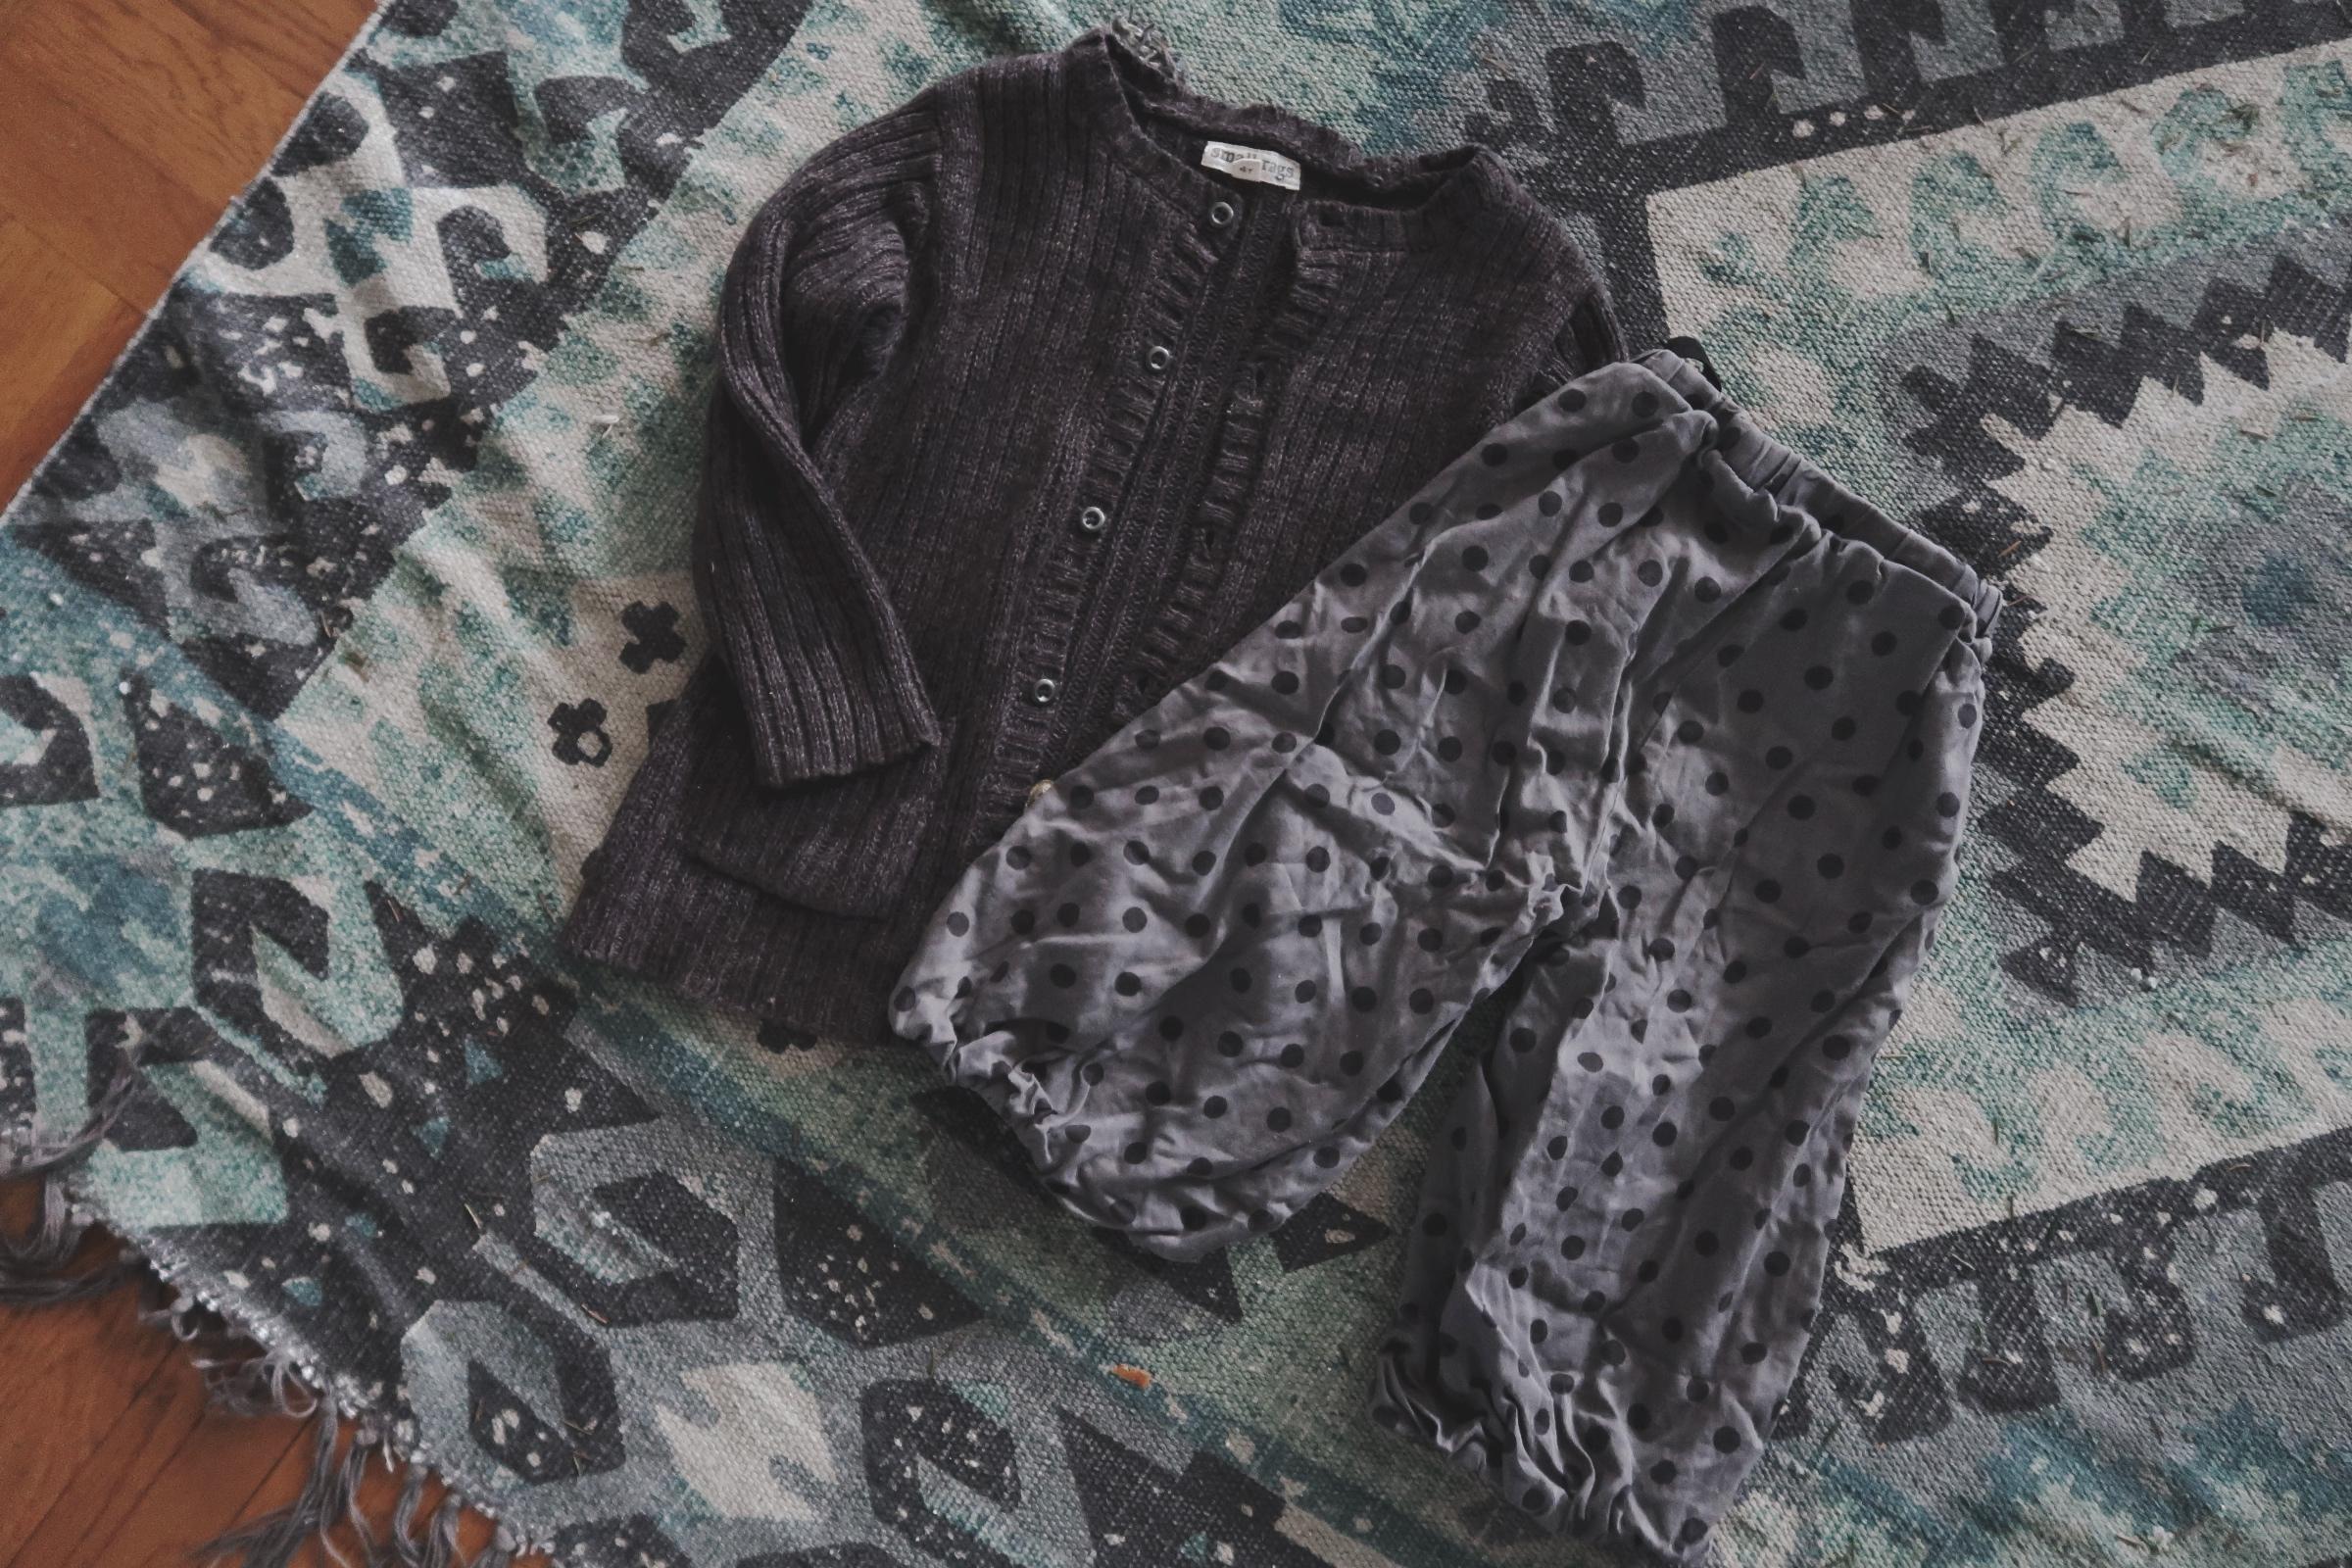 Begagnade barnkläder i grå nyanser